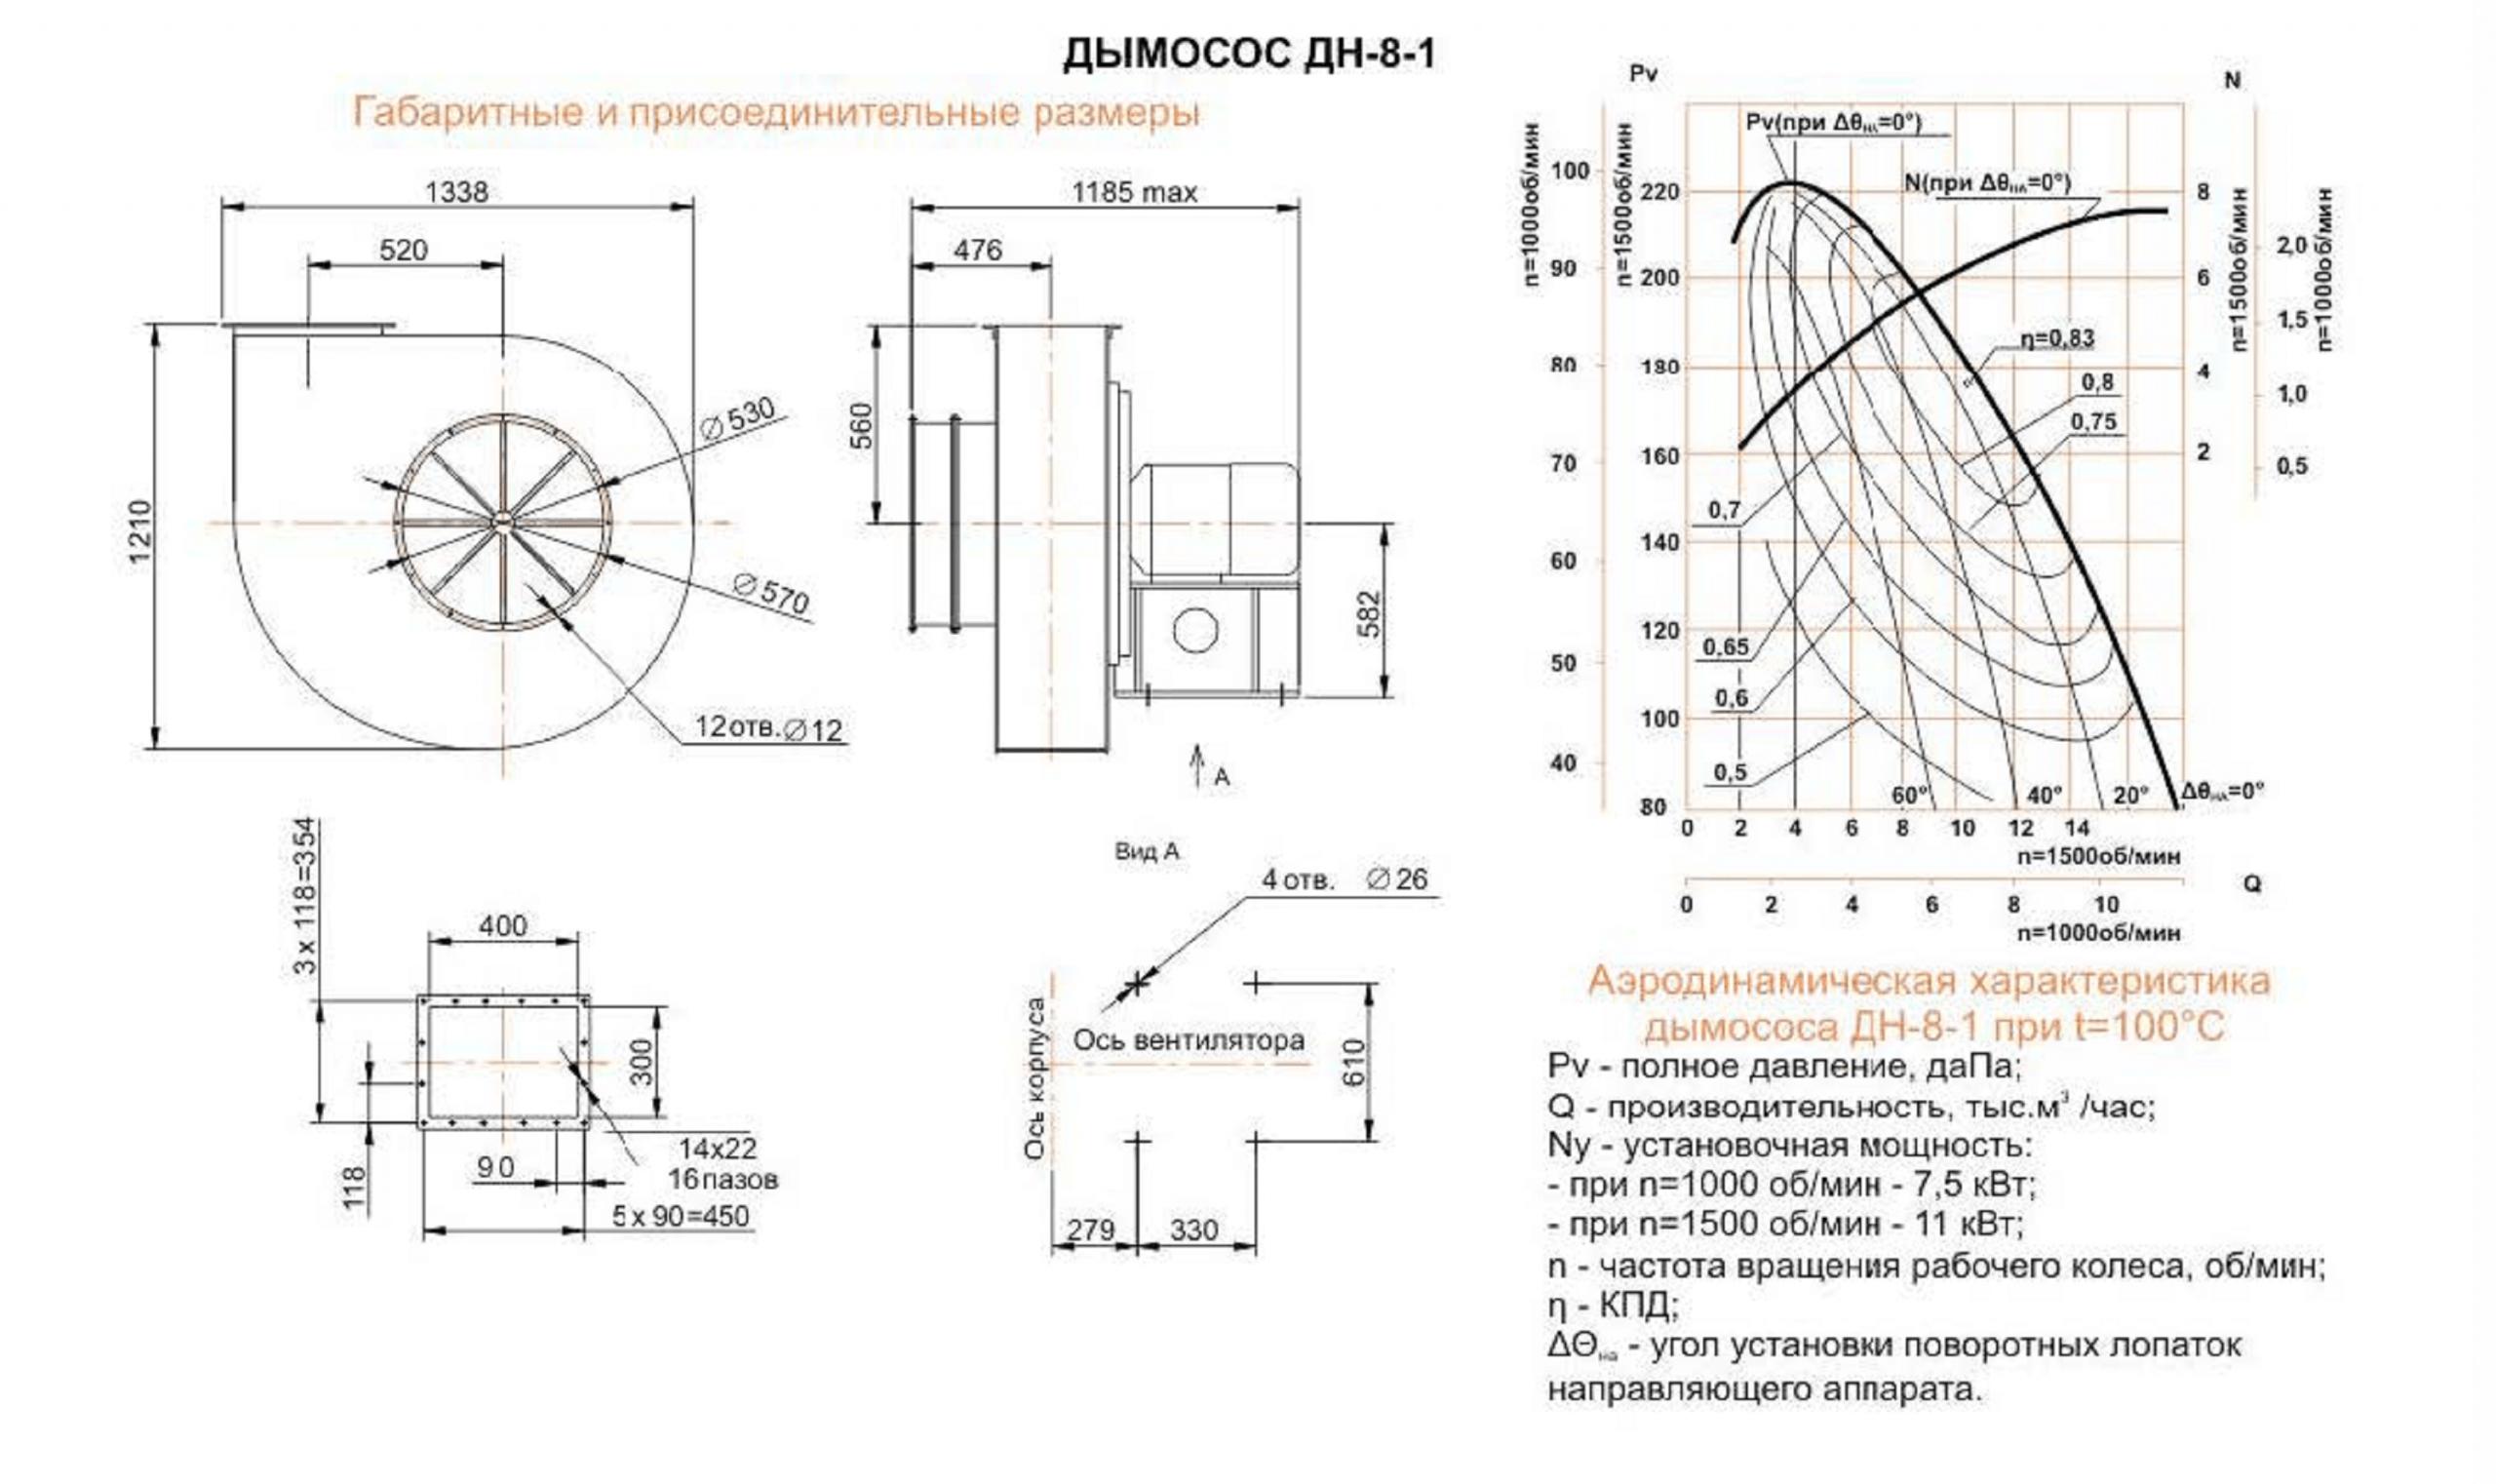 Габаритные и присоединительные размеры ВДН ДН №8 исп-1